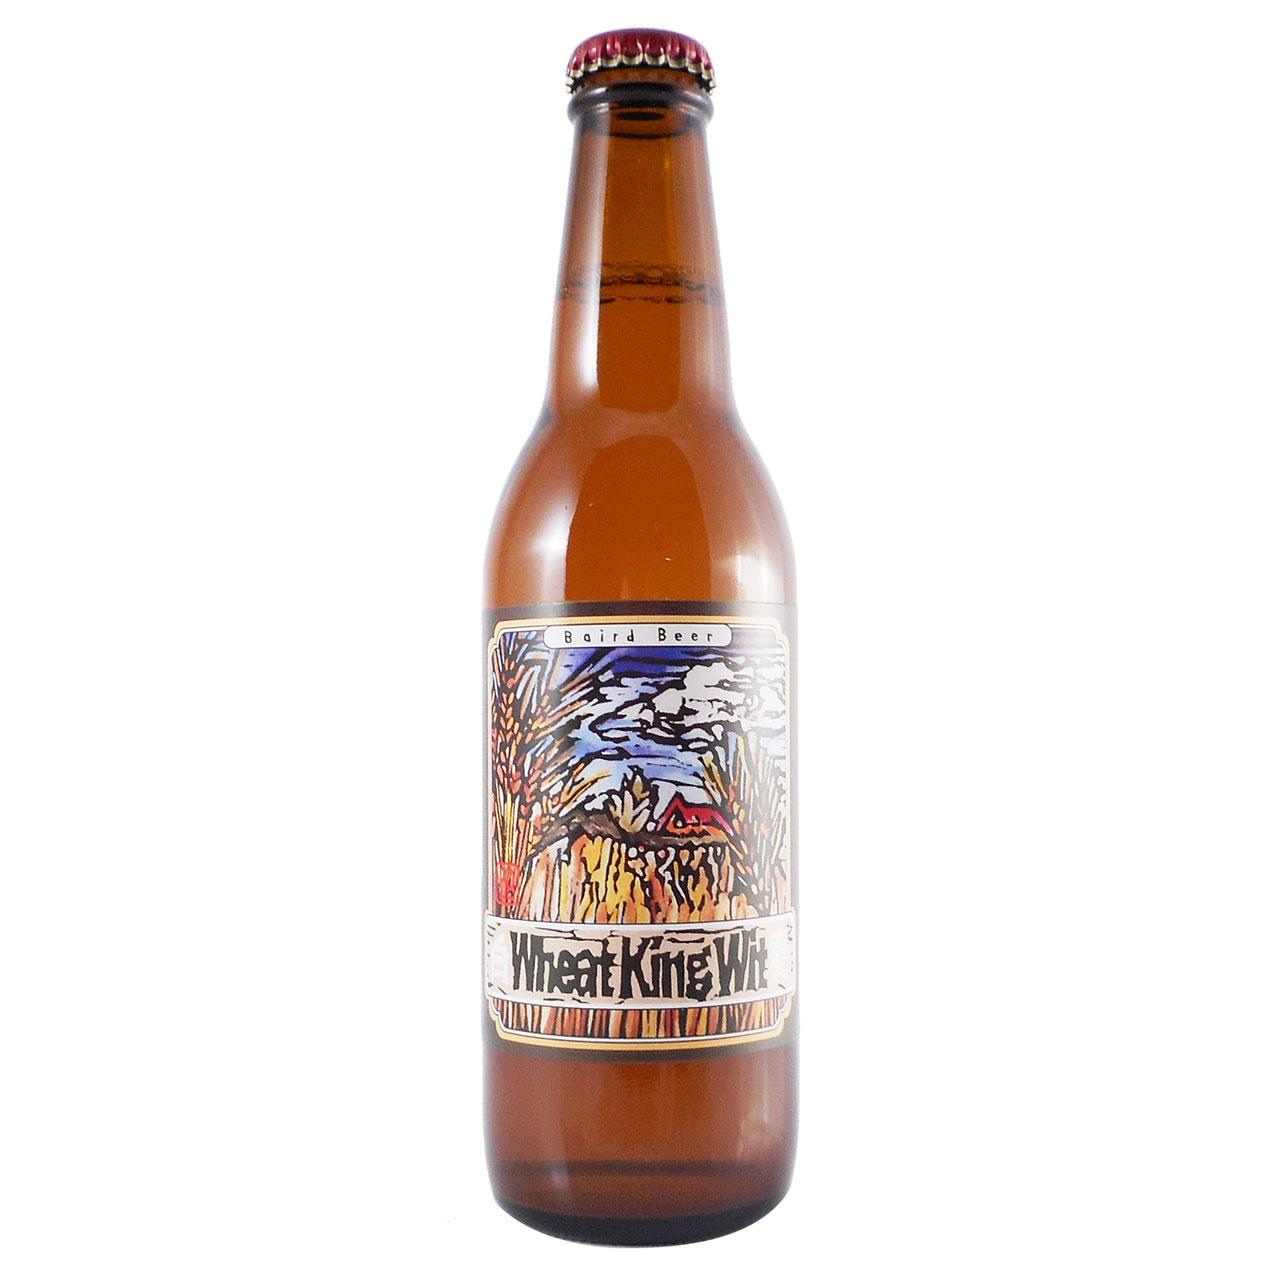 【ラッキーシール対応】母の日 ギフト ベアードビール ウィートキングウィット (エール) 330ml 24本 静岡修善寺クラフトビールケース販売 静岡県 ベアードブルーイング ビール 国産クラフトビール・地ビール